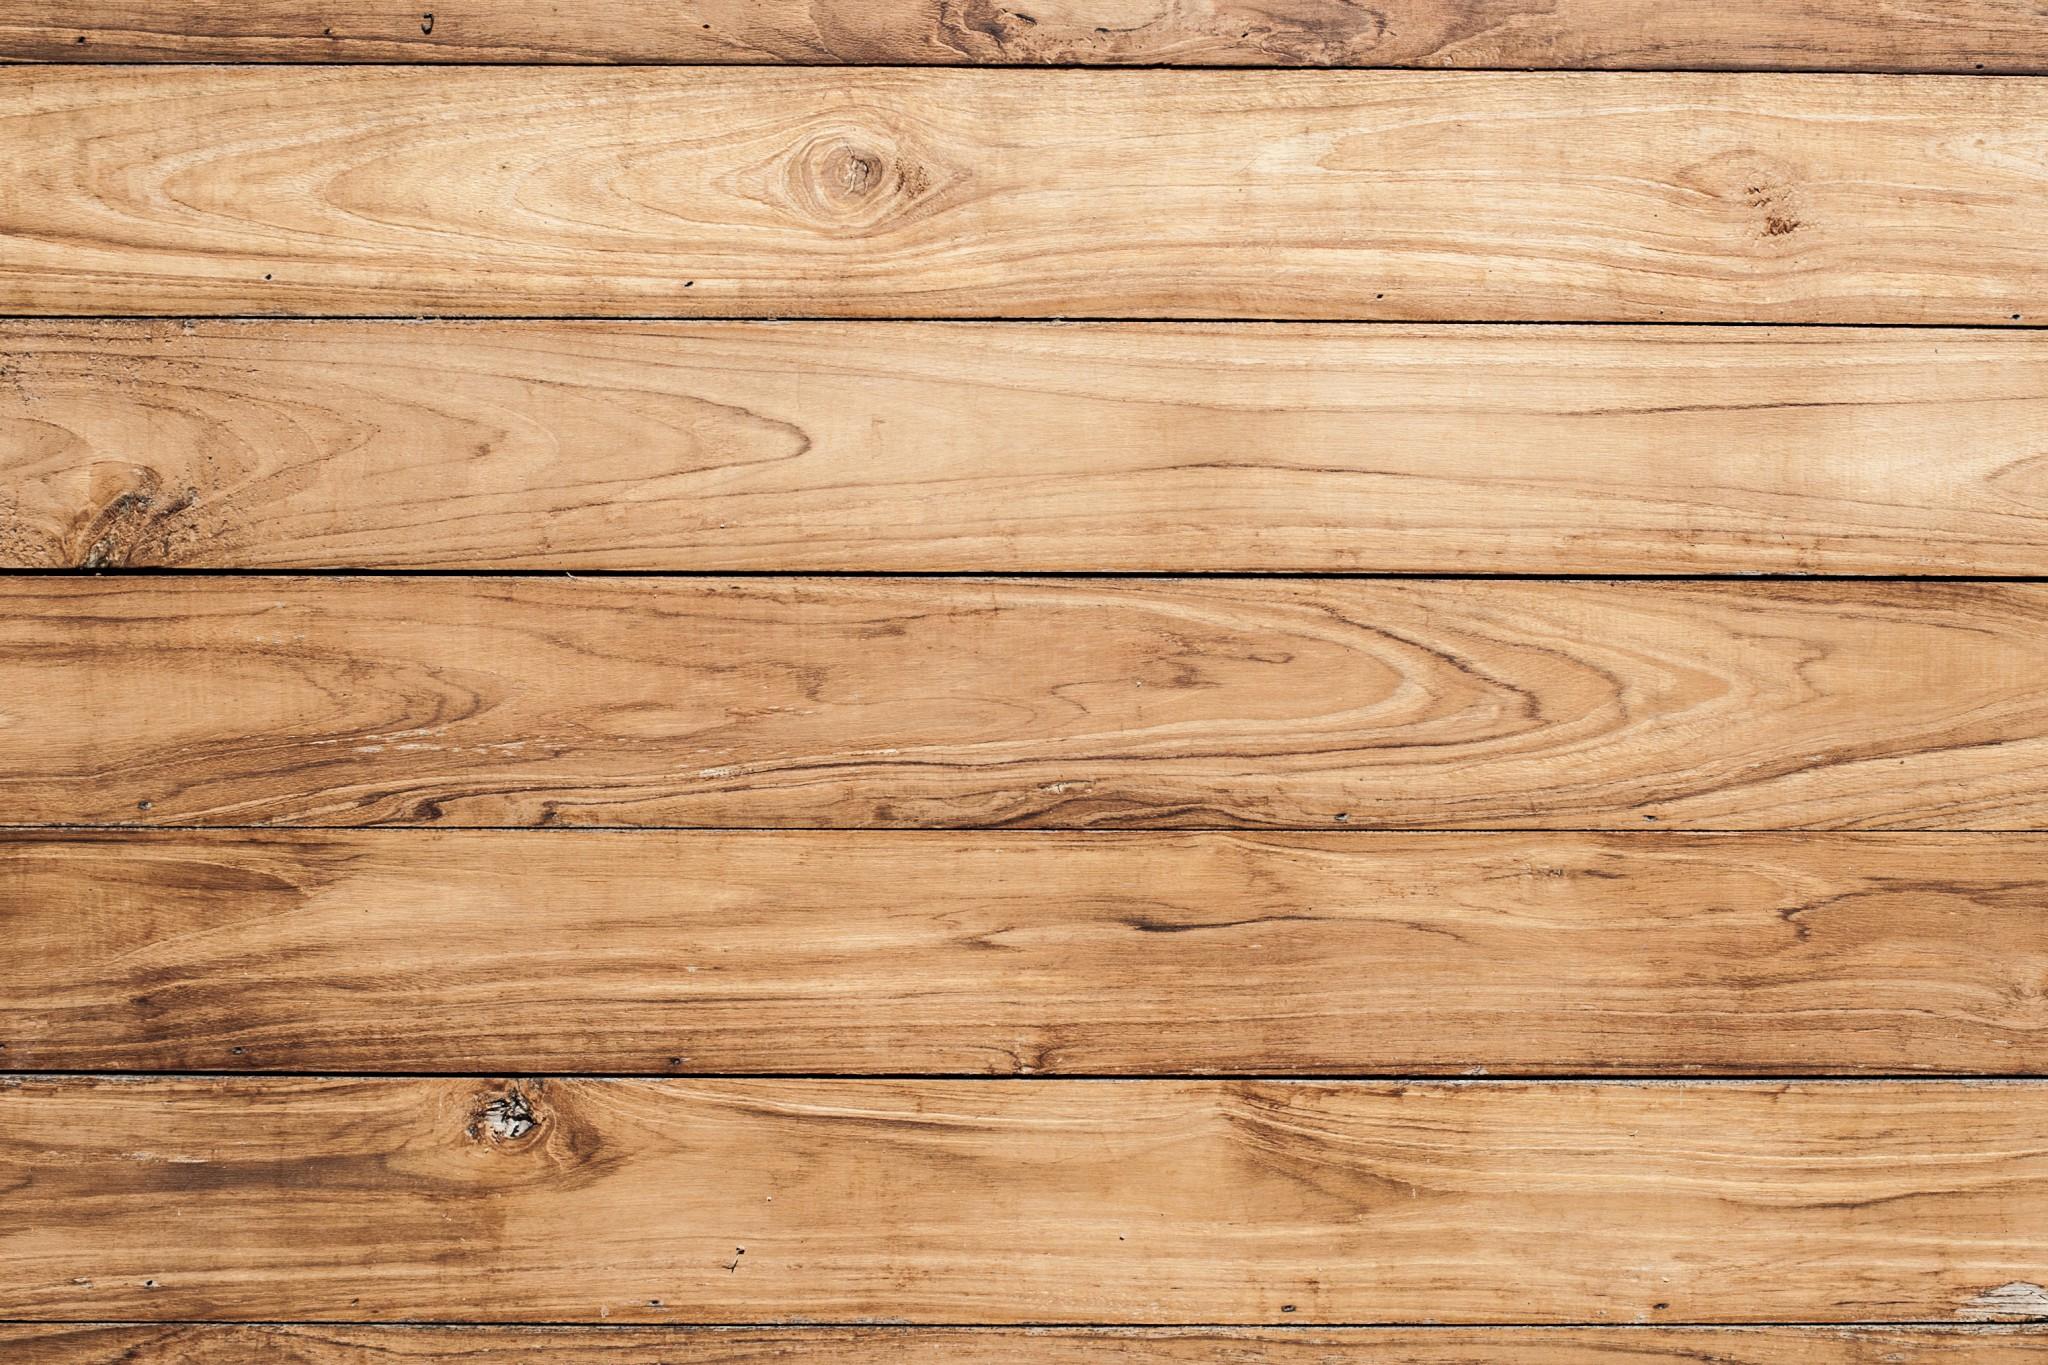 Verf verwijderen van hout de gouden raad van tante kaat - Darblay en hout ...